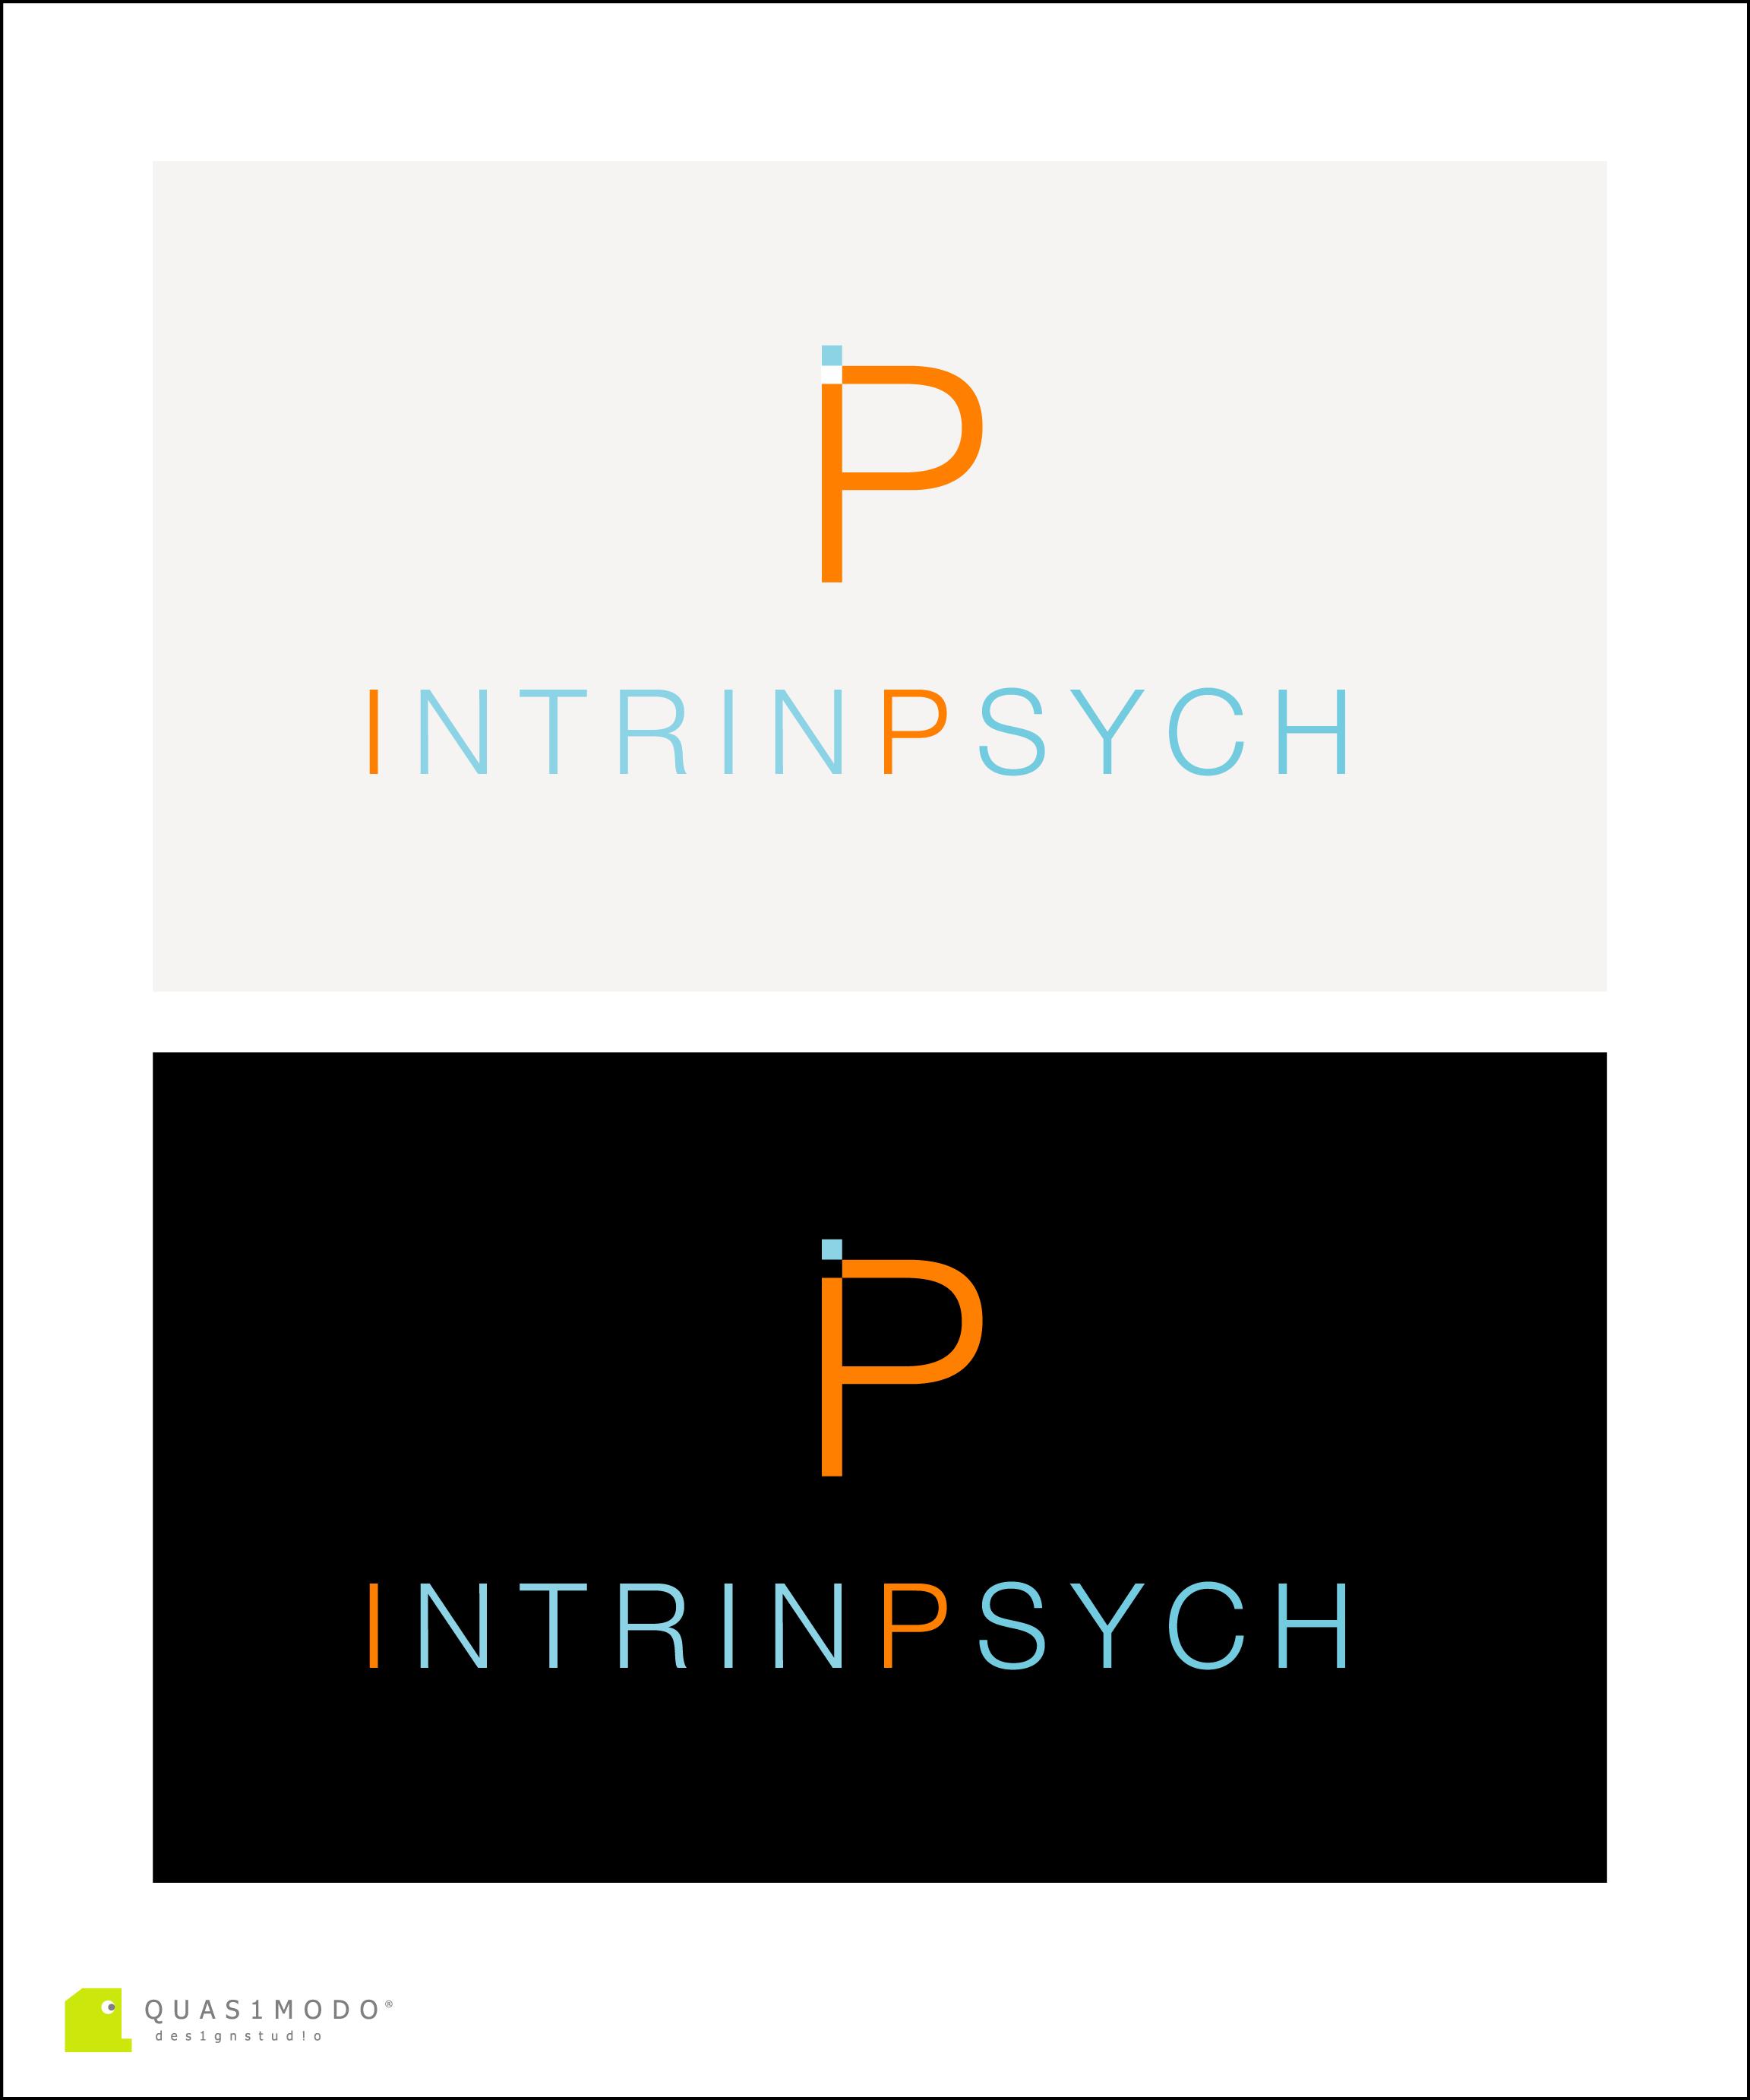 Logo Design by DIMITRIOS PAPADOPOULOS - Entry No. 207 in the Logo Design Contest New Logo Design for IntrinPsych.